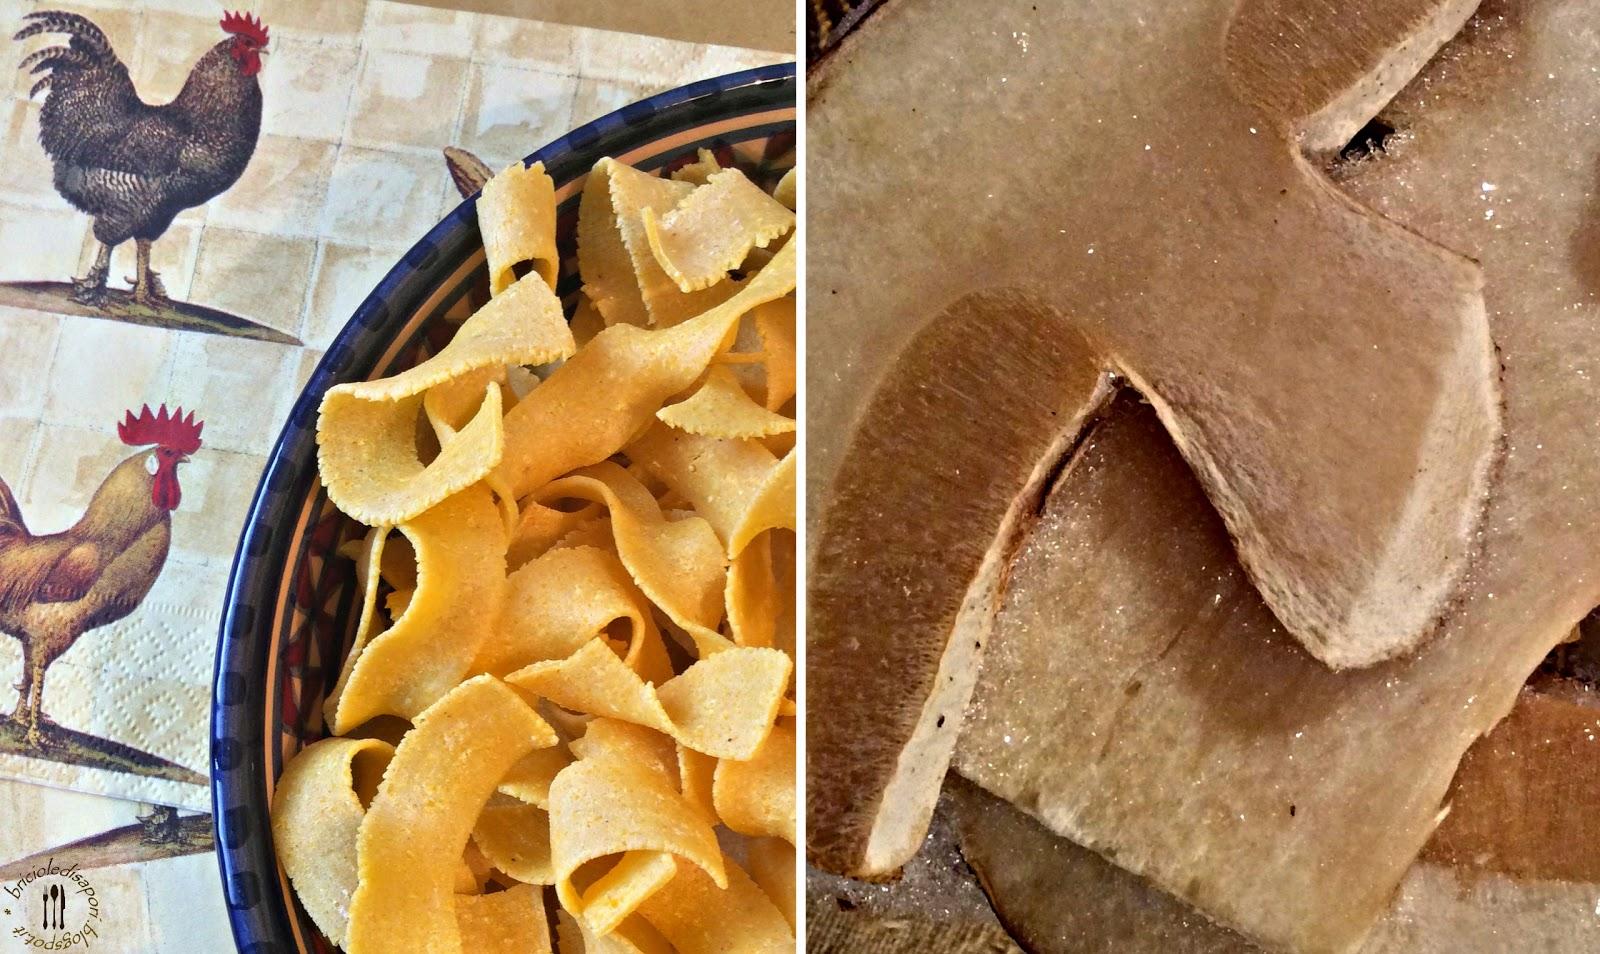 pasta rustica alla farina di mais con sugo ai funghi porcini. l'antica sapienza dell'arte pastaia toscana sulla mia tavola